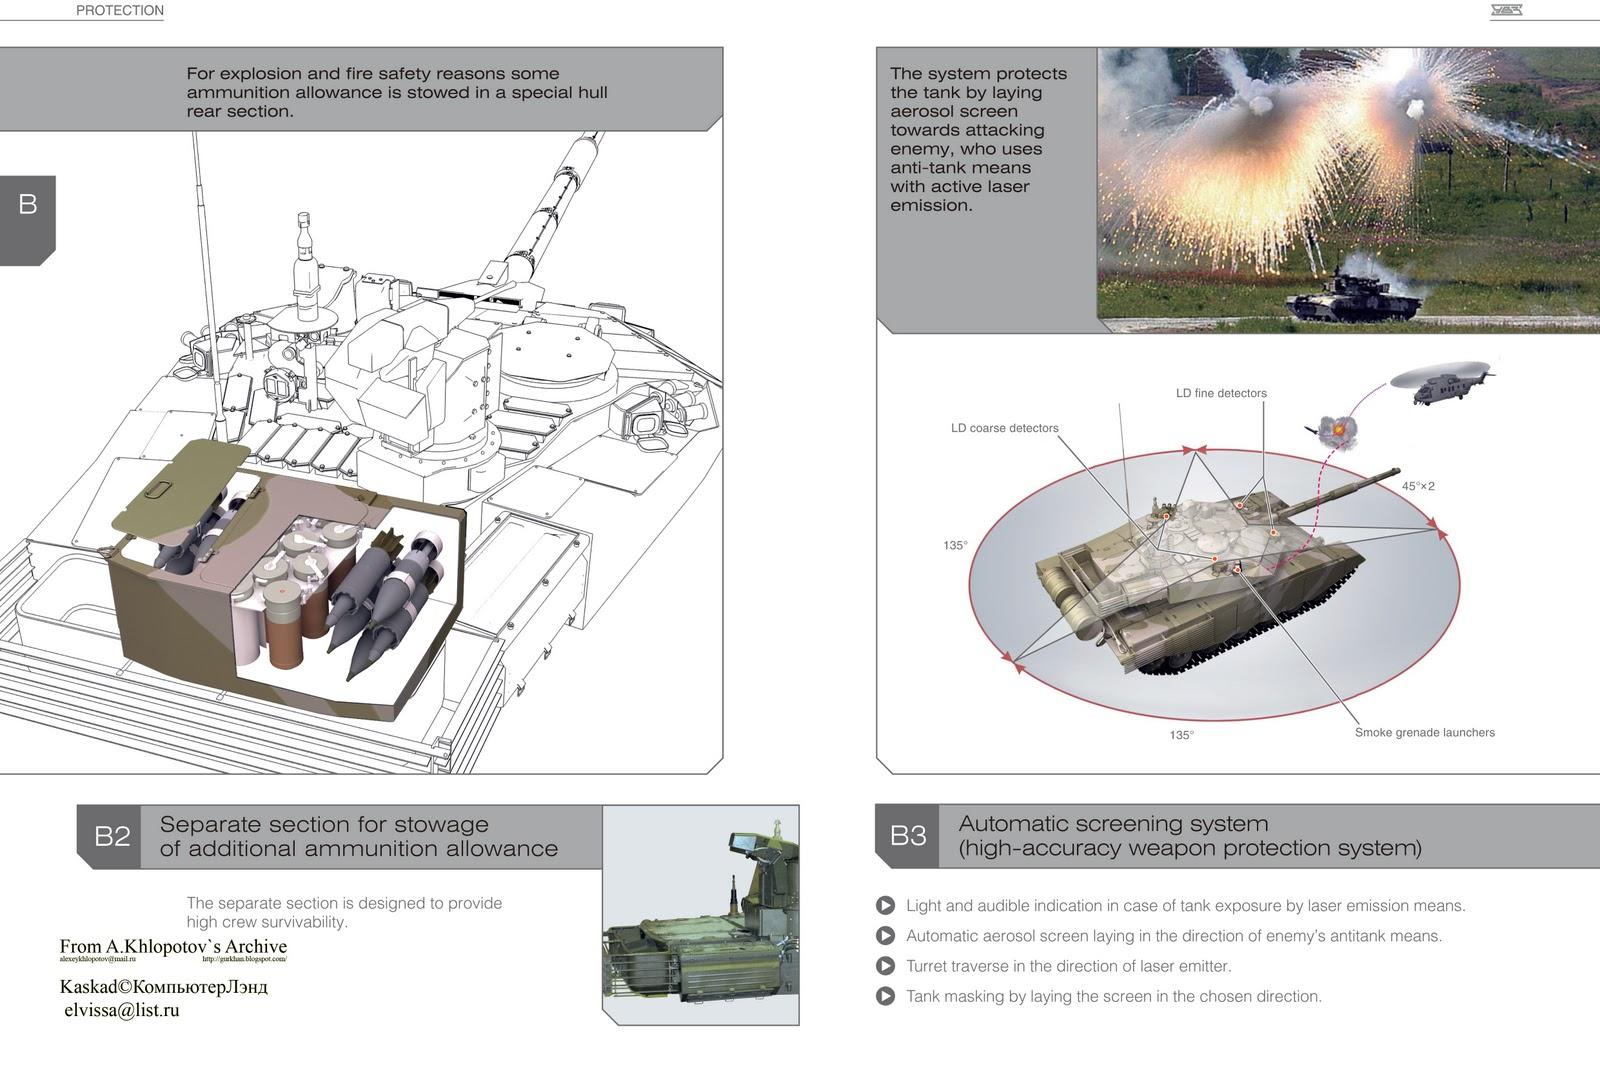 الجزائر توقع عقدا لشراء 300 دبابة  تي 90  والاحتمال انها  نوع T90MS - صفحة 4 T-90MS_eng-14